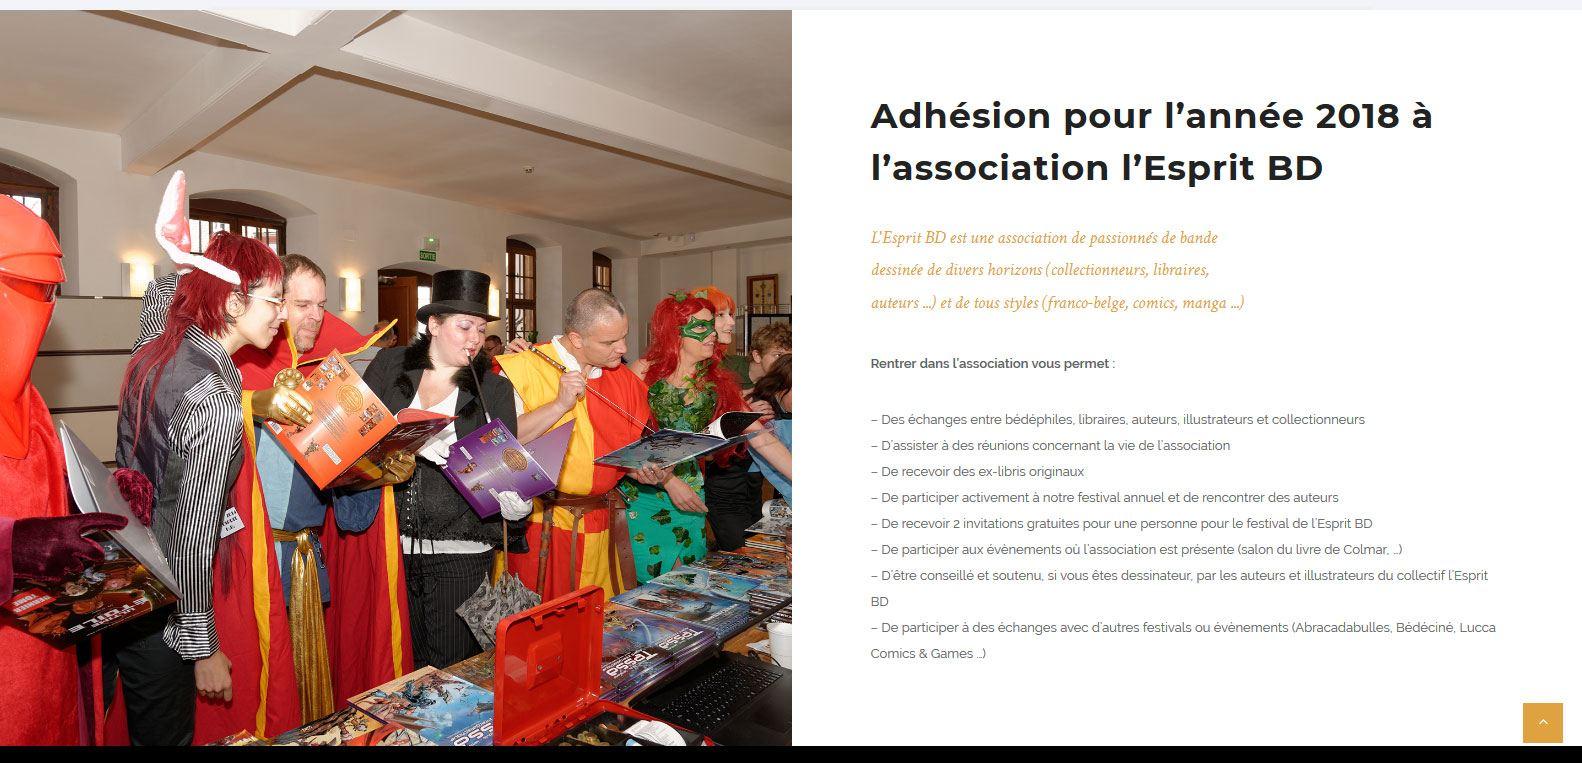 Adhésion pour l'année 2018 à l'association l'Esprit BD. Un client Karedess, agence web à Mulhouse